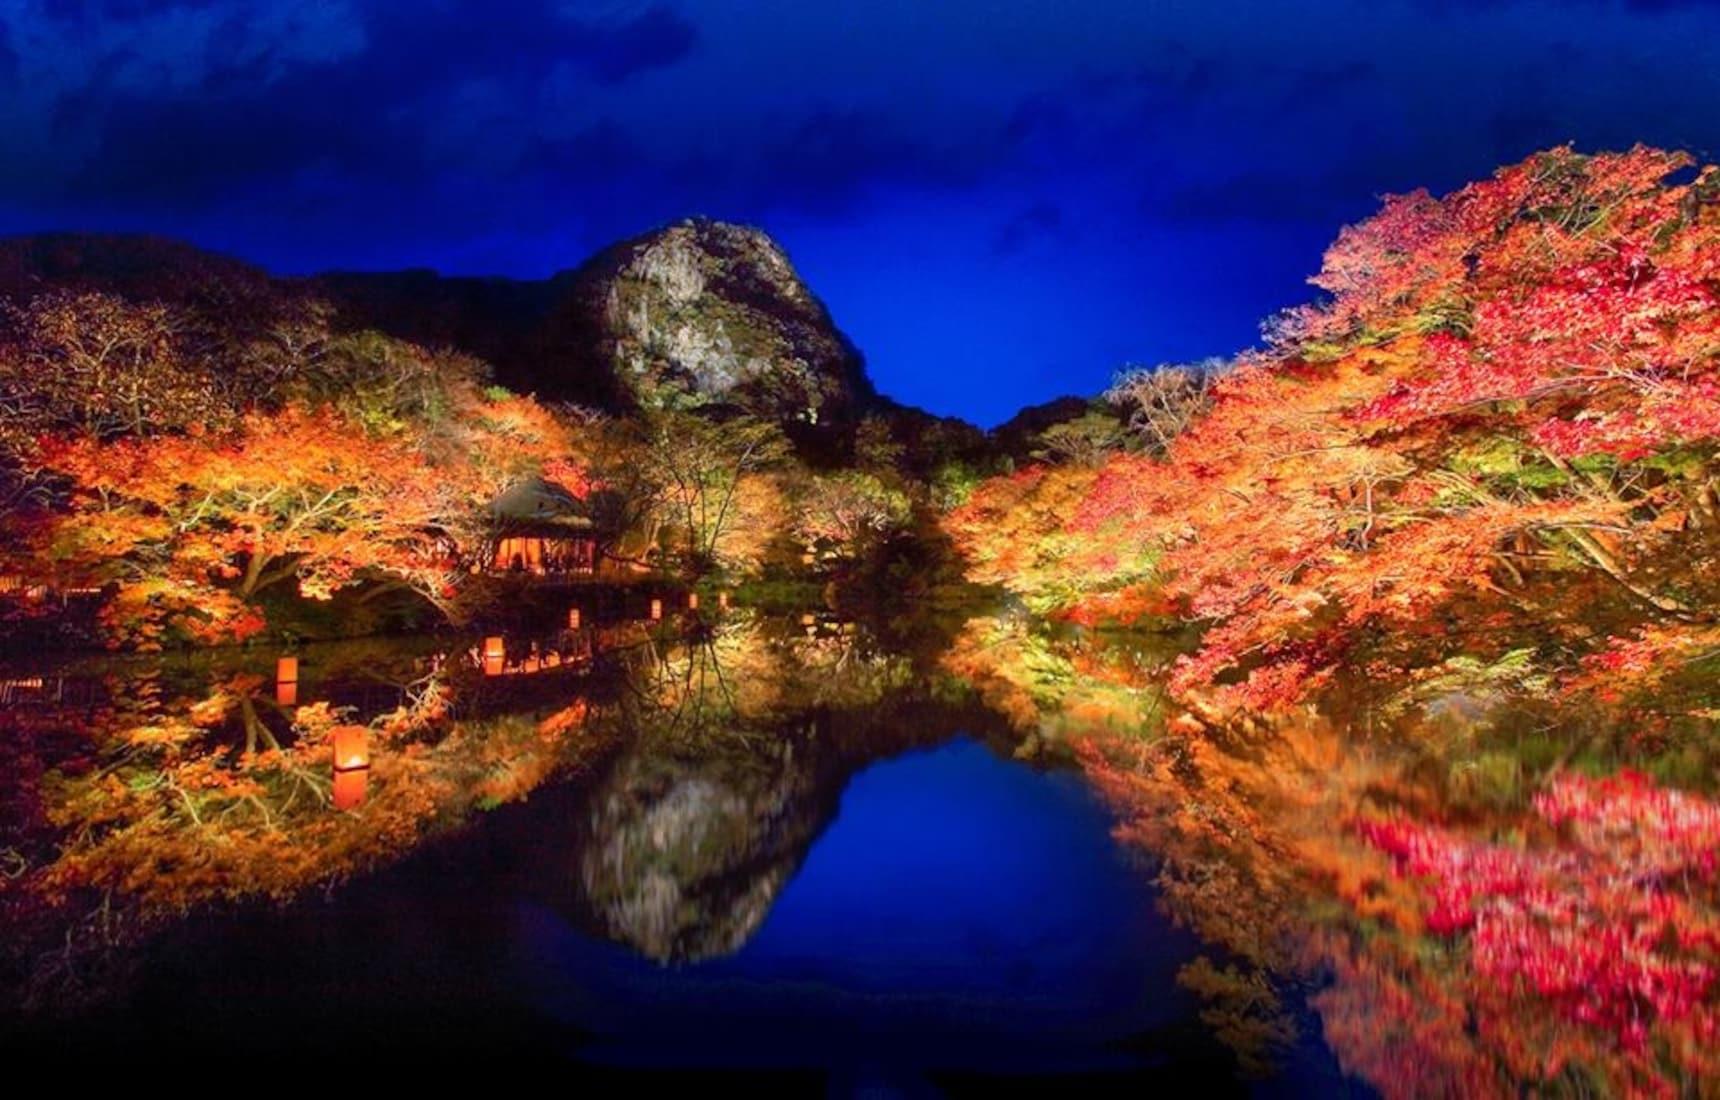 ชมสวนญี่ปุ่นทุกฤดูกาล สวนมิฟุเนะยามะระคุเอน